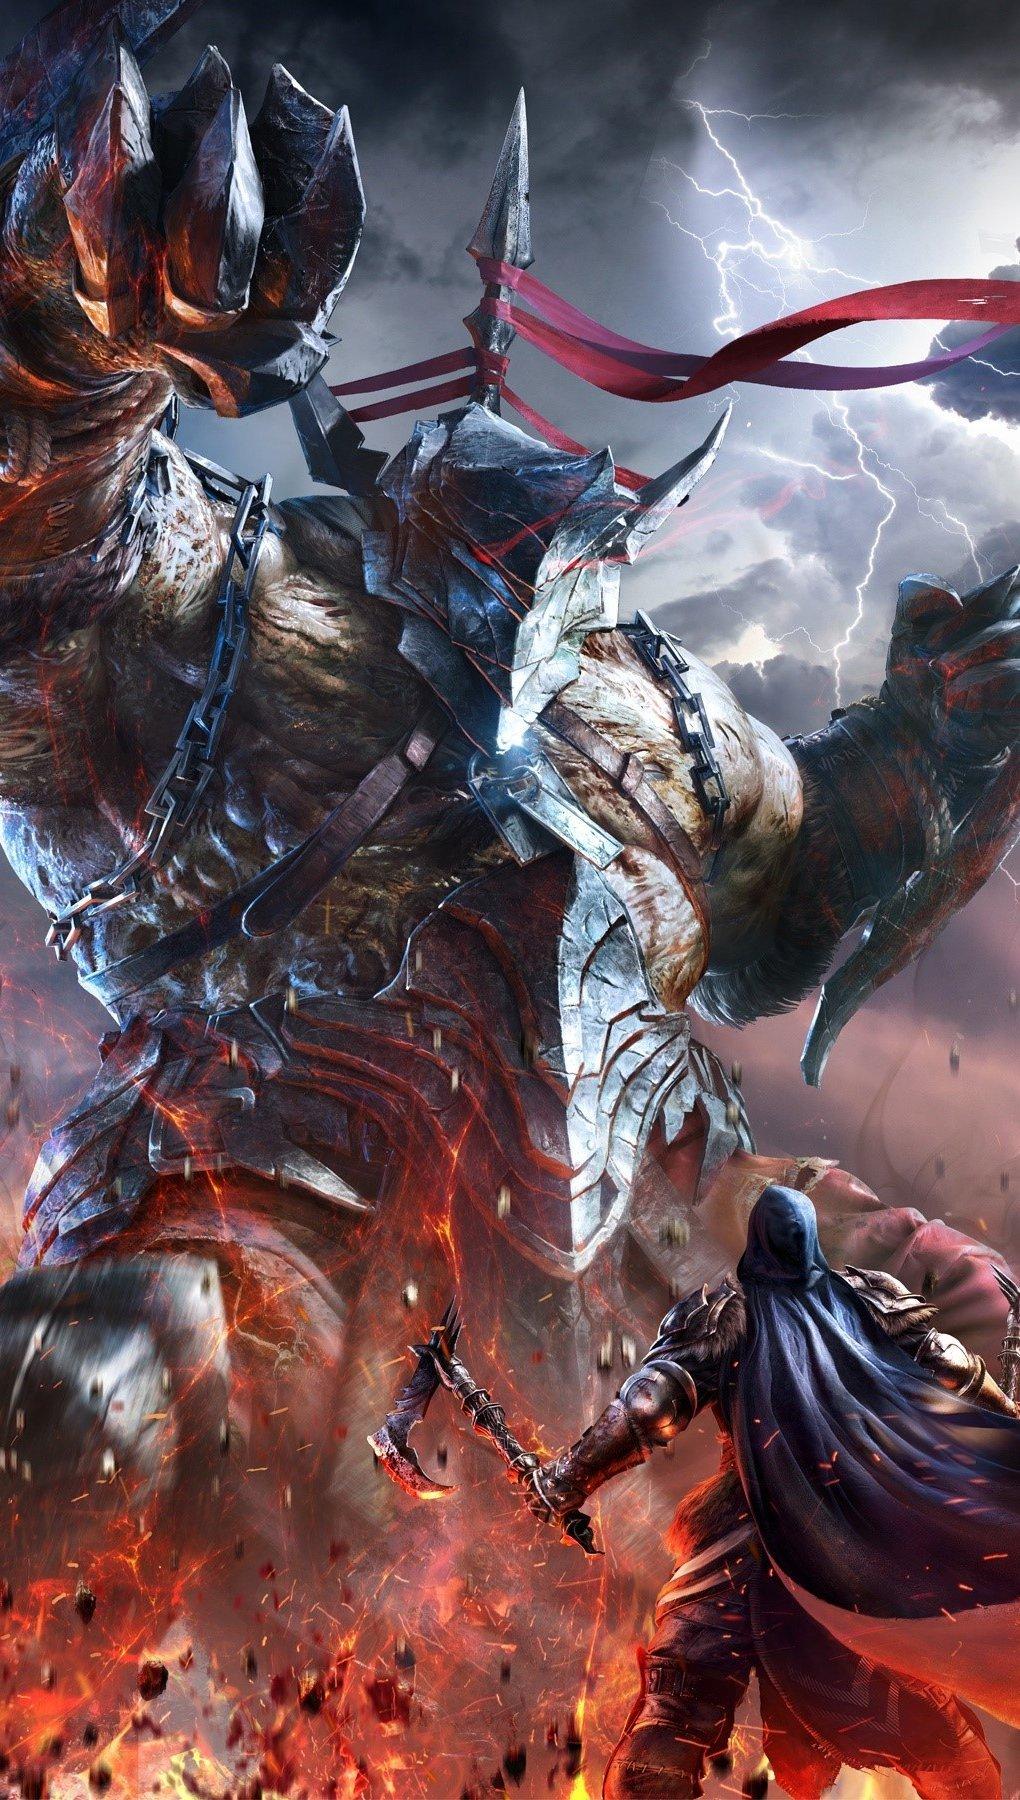 Fondos de pantalla Lords of the fallen Vertical